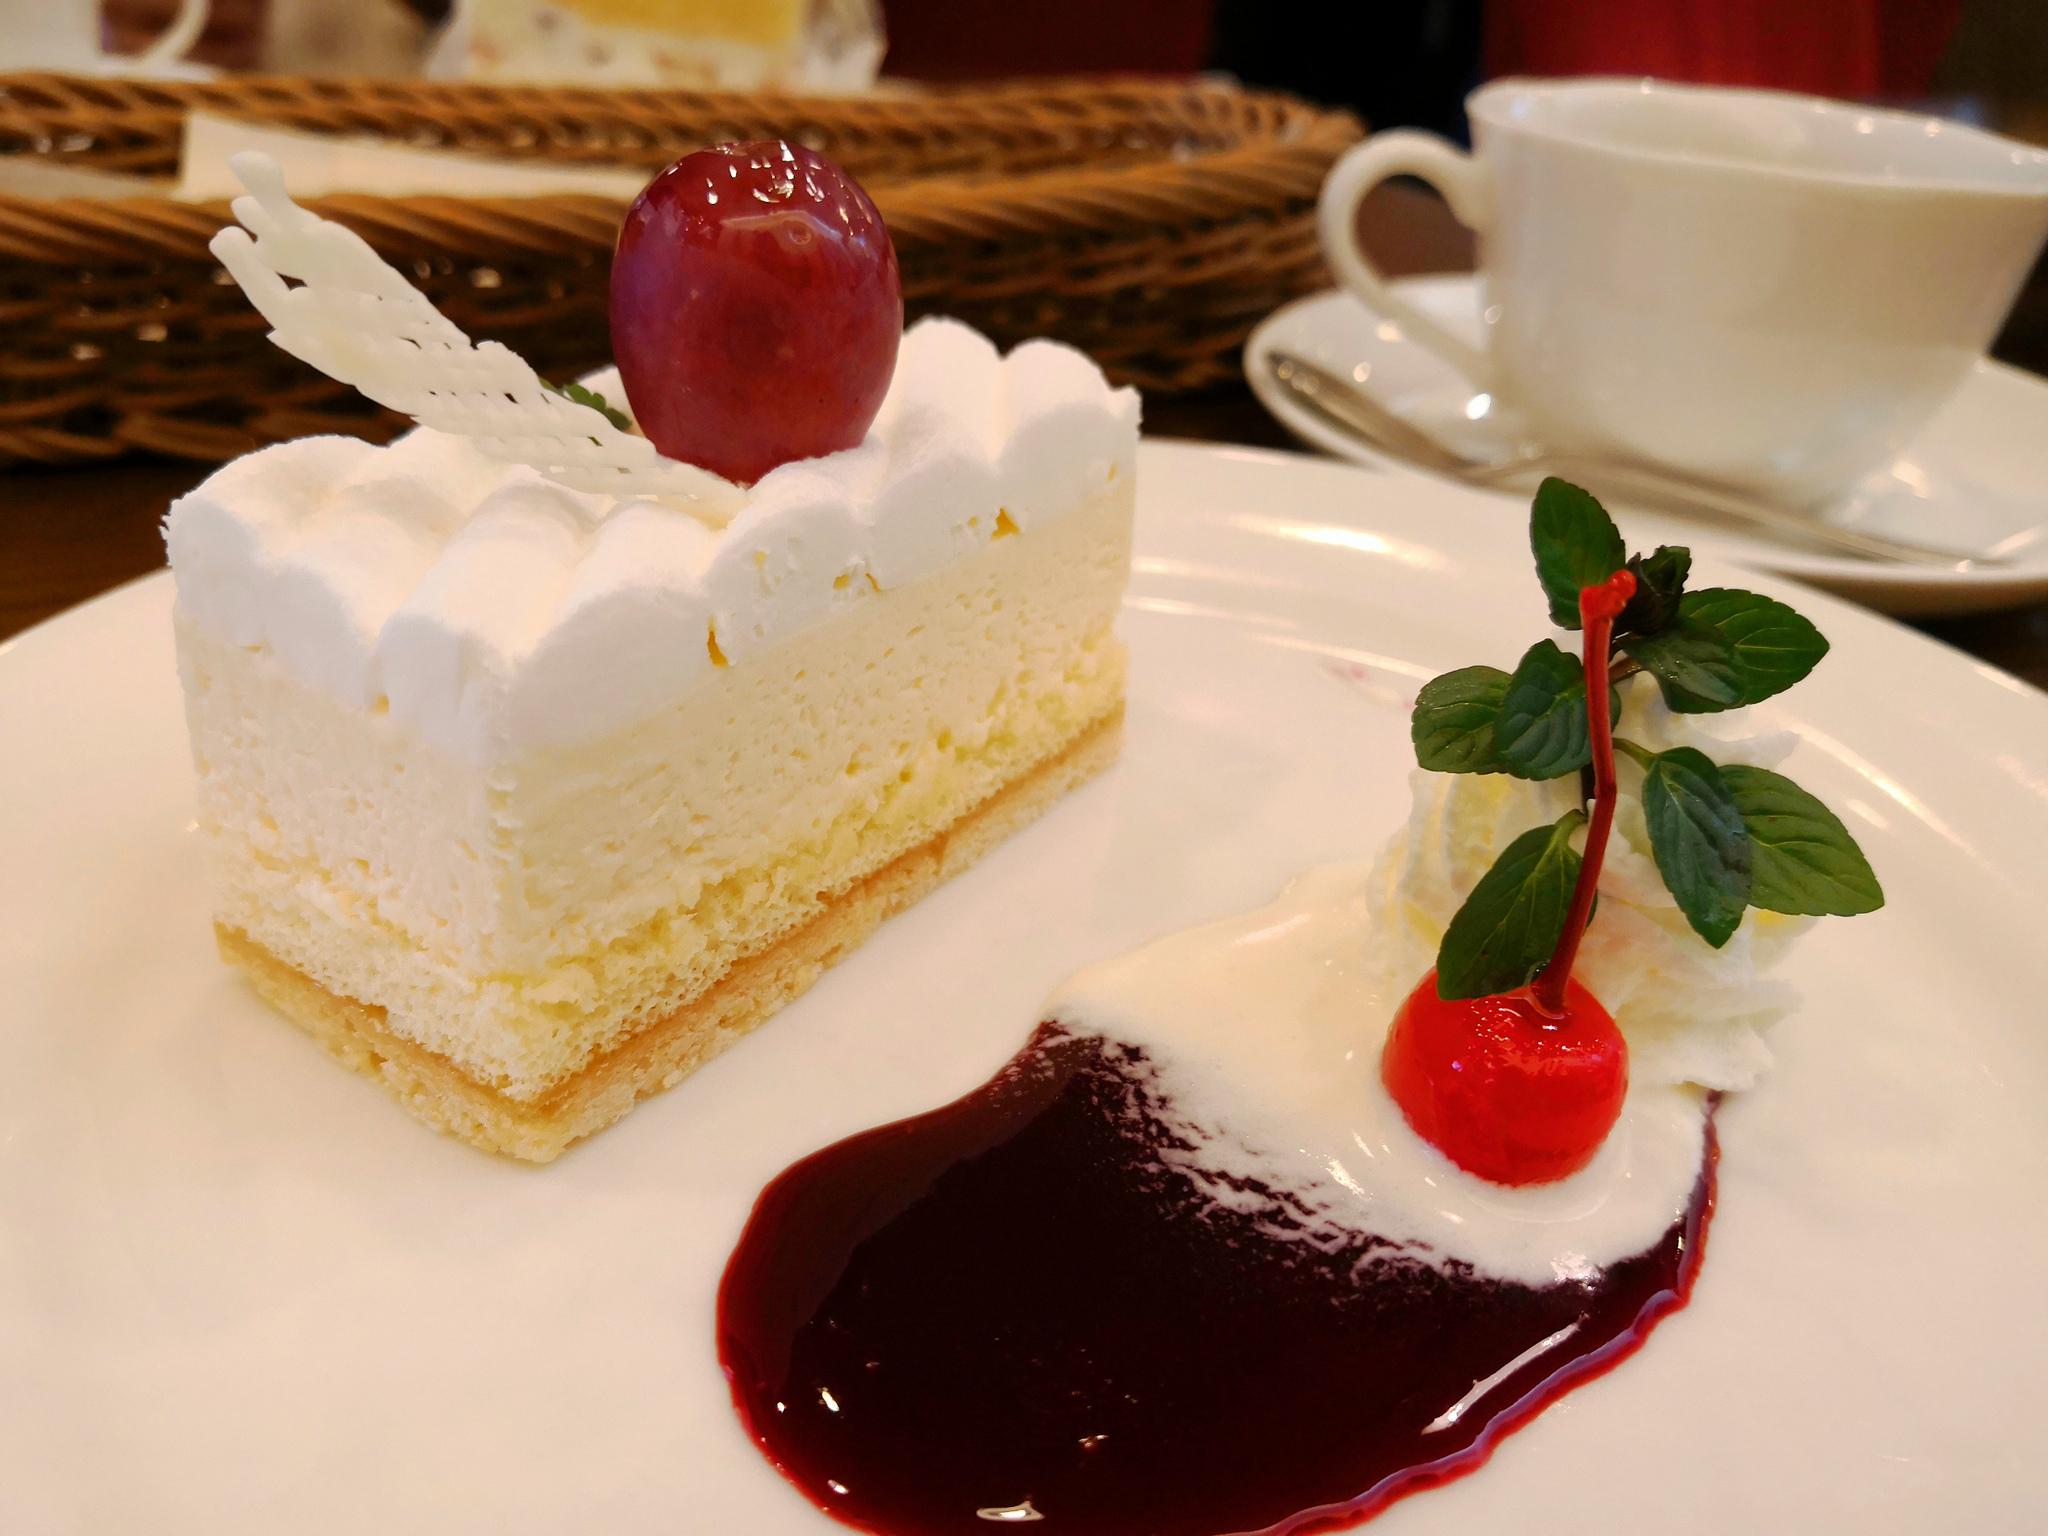 【逗子】珠屋洋菓子店@地元の人が集まる老舗ケーキ屋さん。ゆっくりとした時間が流れます。